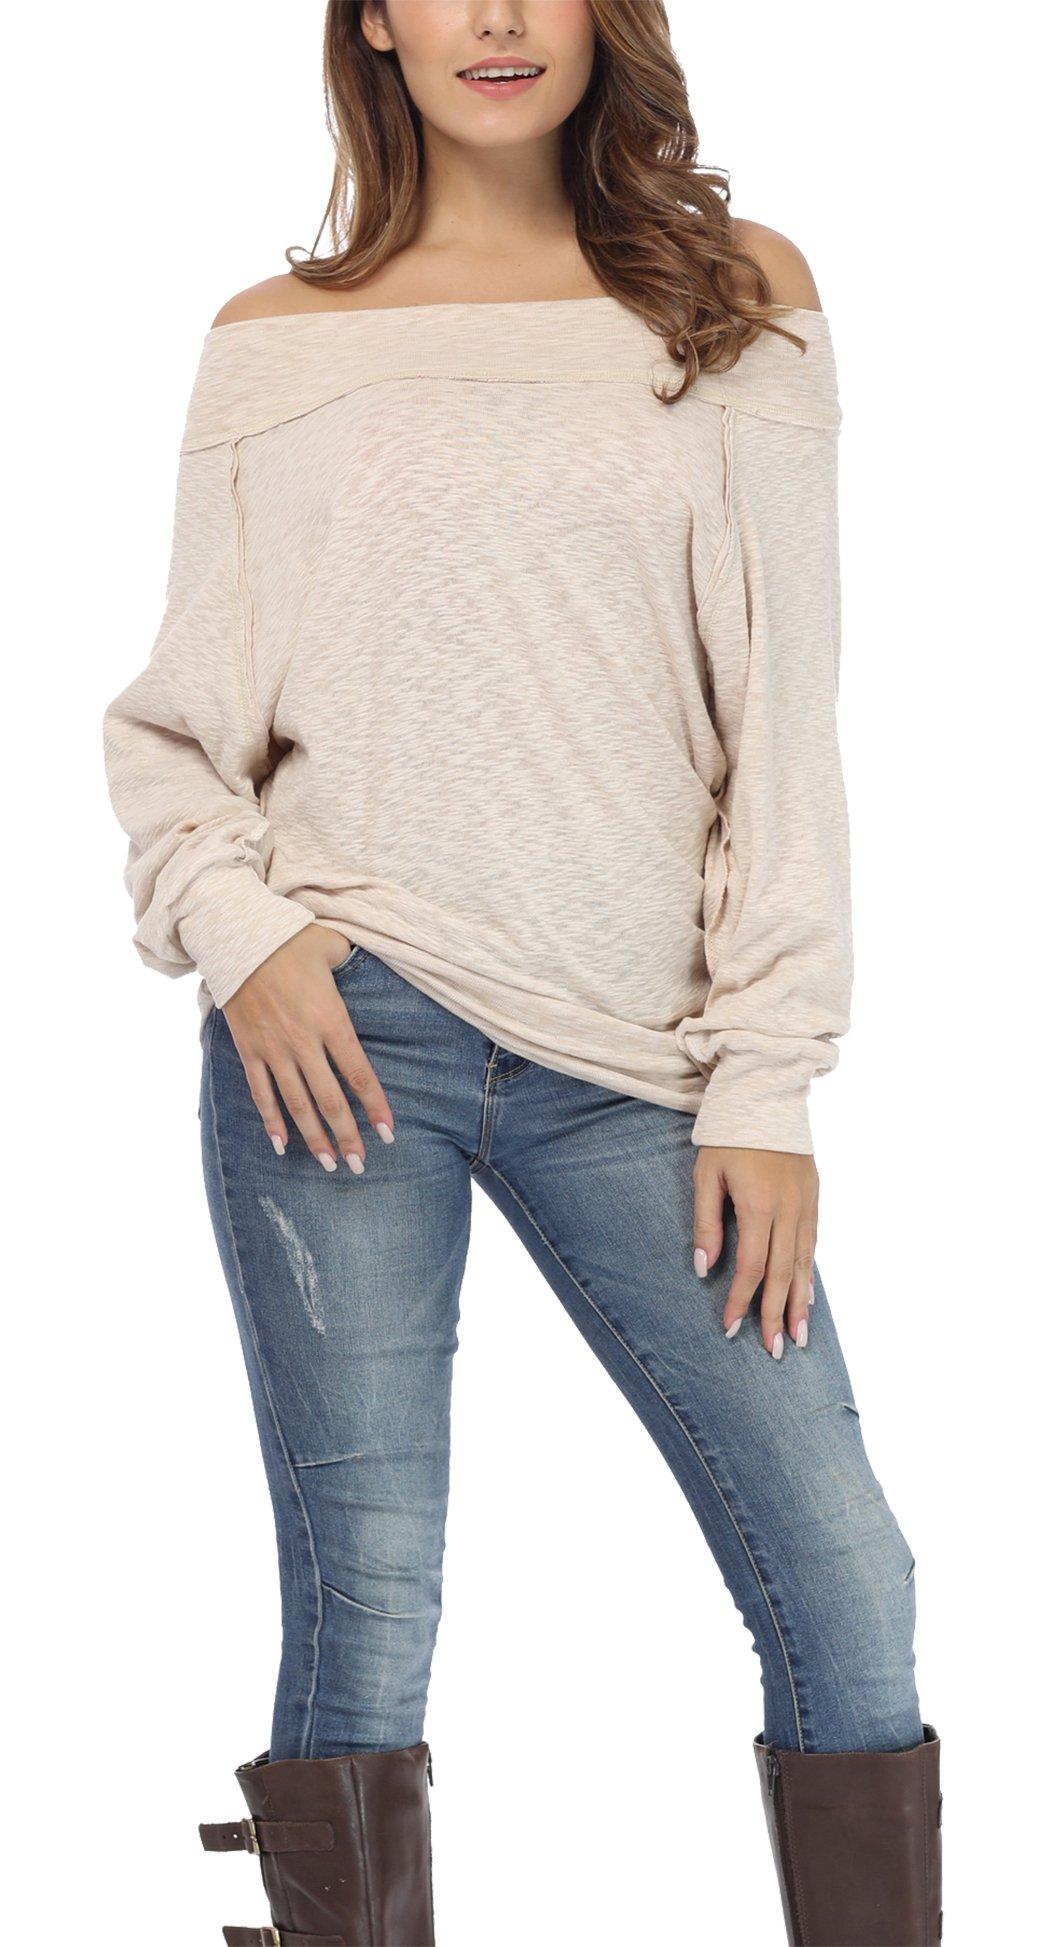 a9e41ba68ba867 iGENJUN Women's Dolman Sleeve Off The Shoulder Sweater Shirt Tops ...